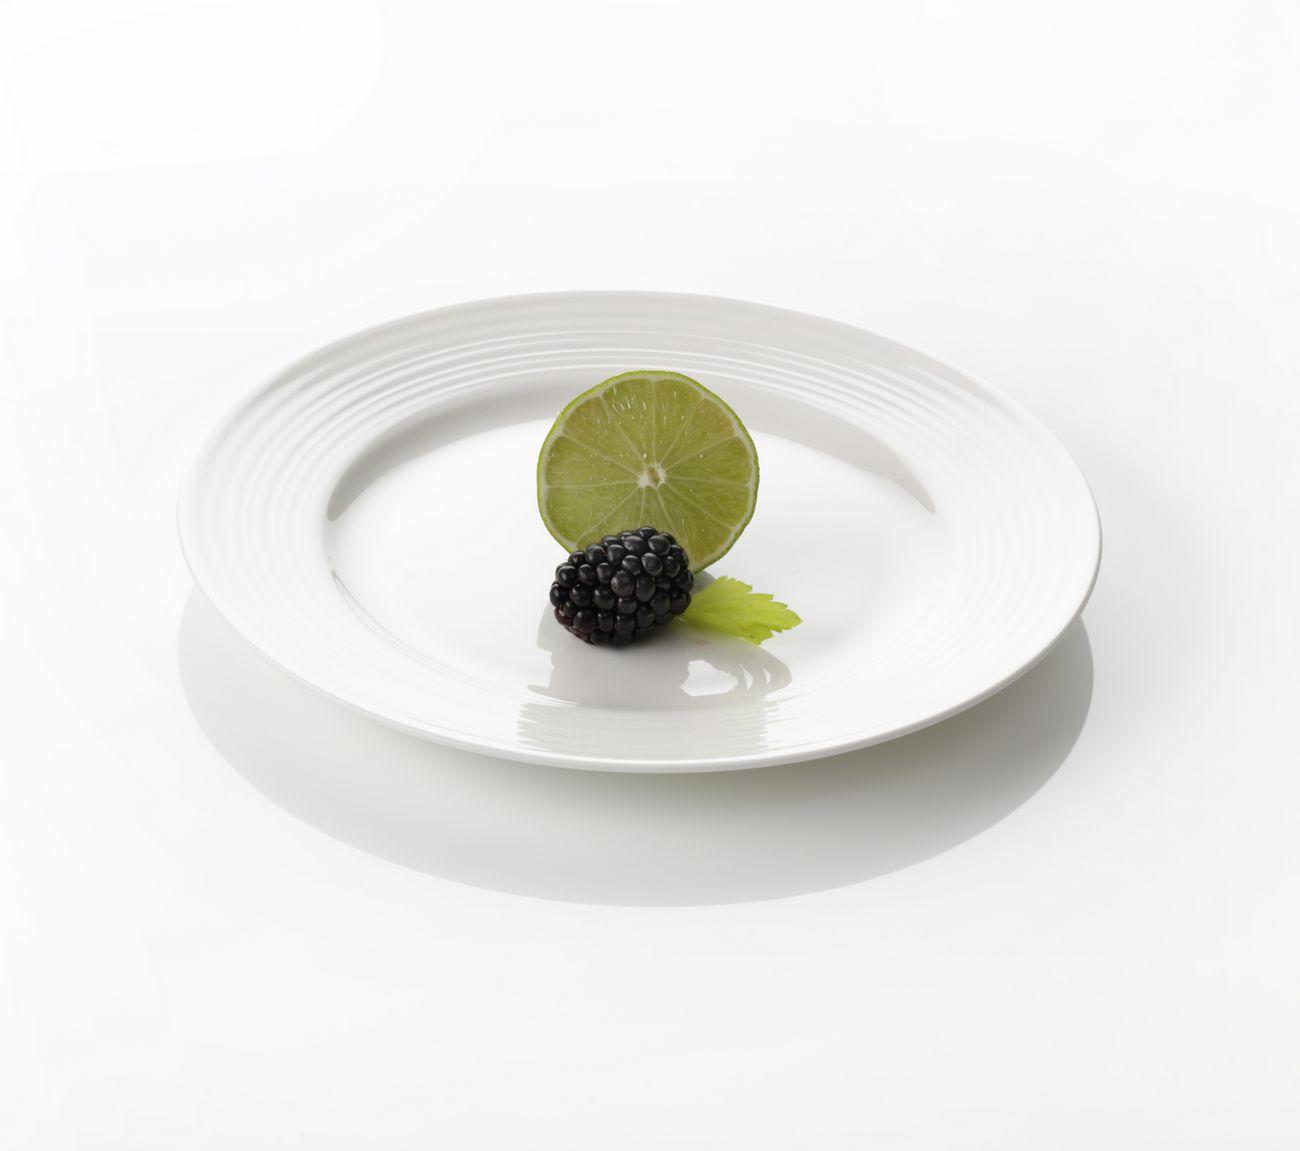 Набор десертных тарелок Aida Passion, в подарочной упаковке, цвет: белый, диаметр 20 см, 4 предмета. 19282